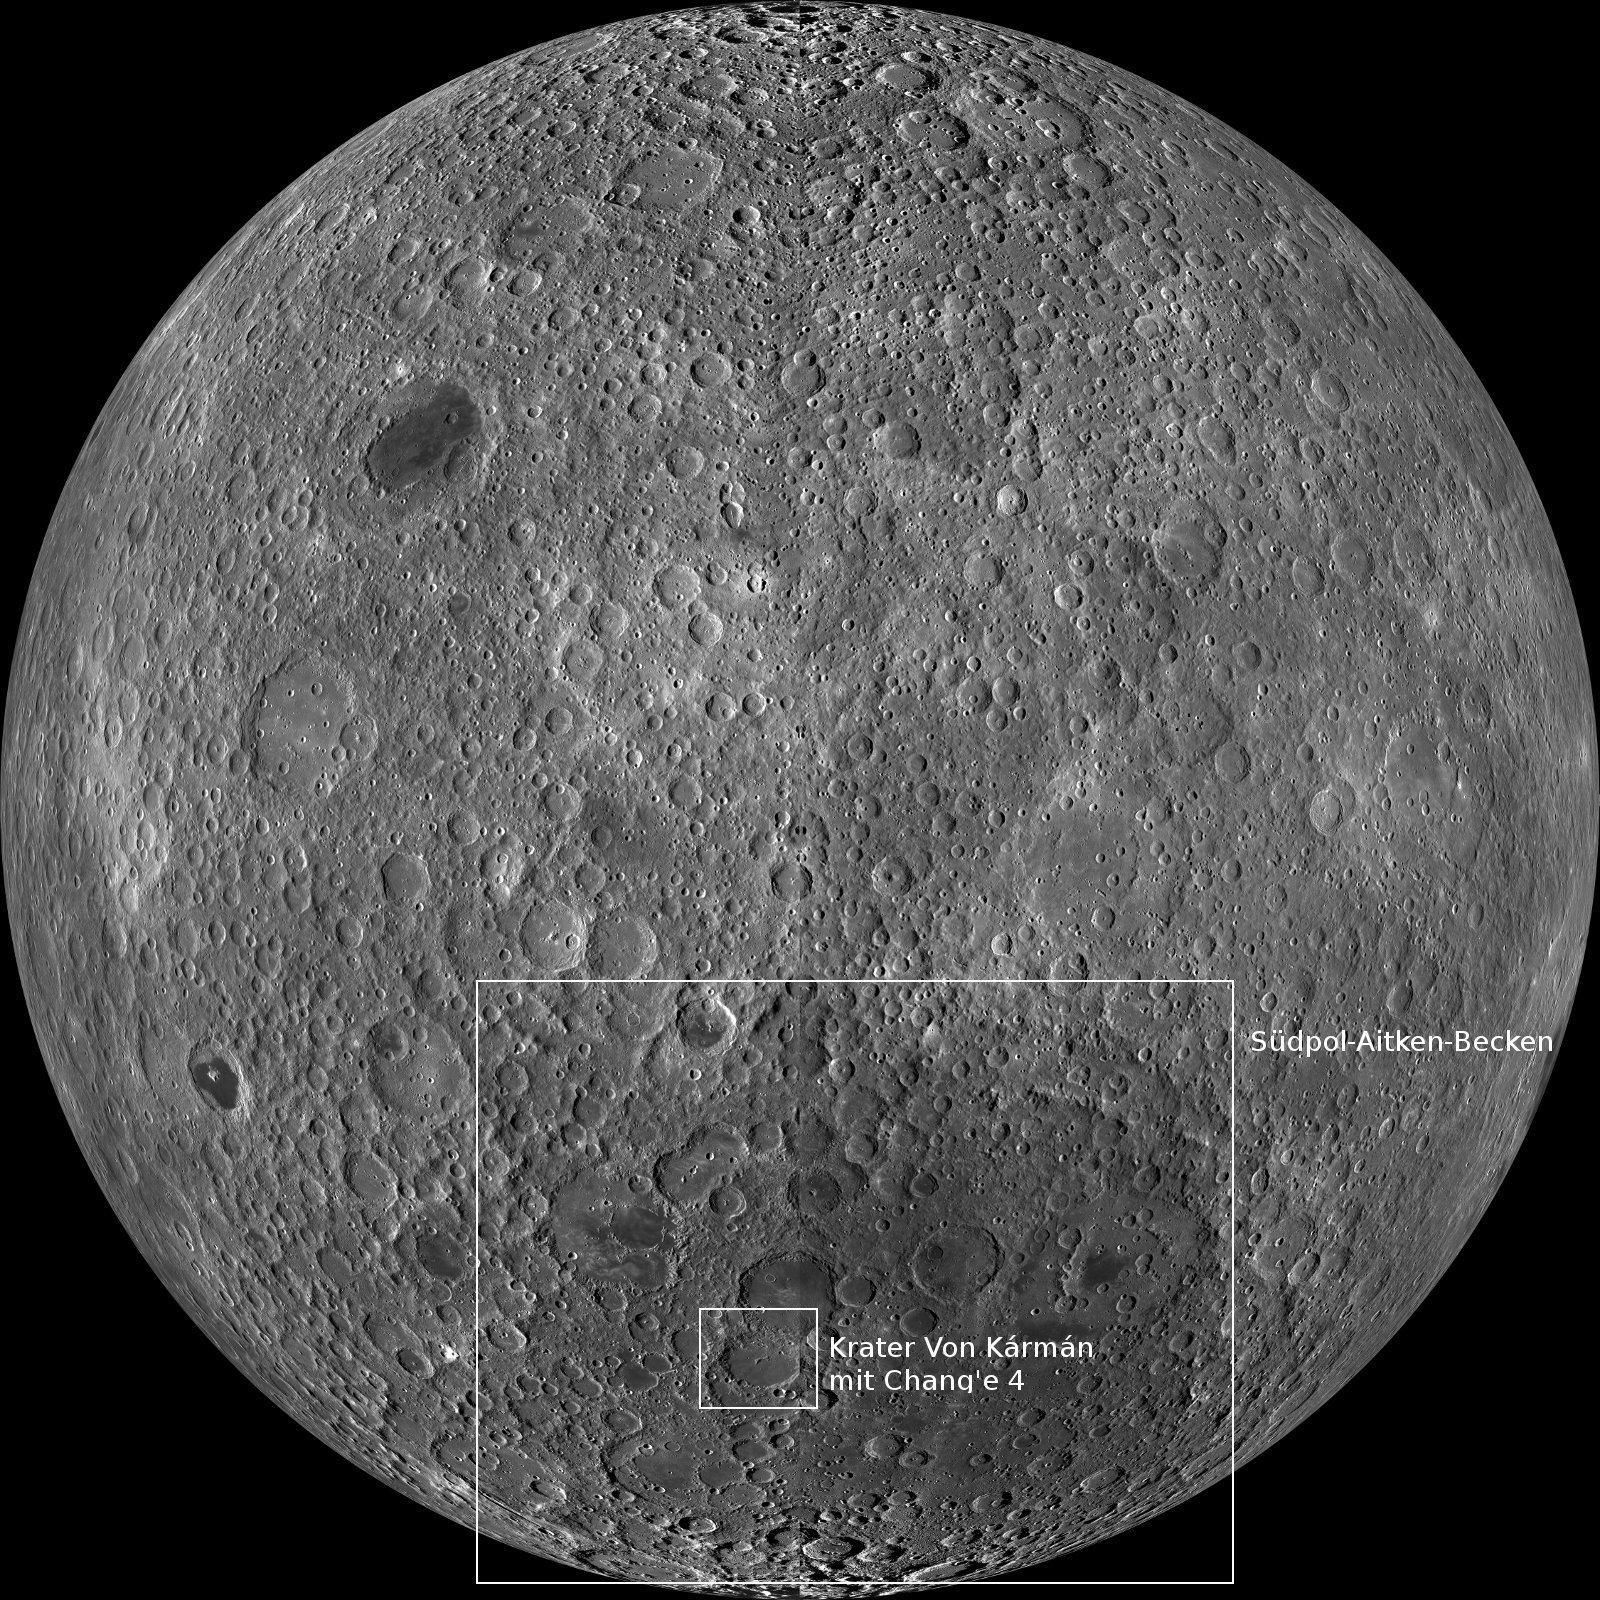 Auf der Mondrückseite liegt das Südpol-Aitken-Becken und darin der Krater Von Kármán